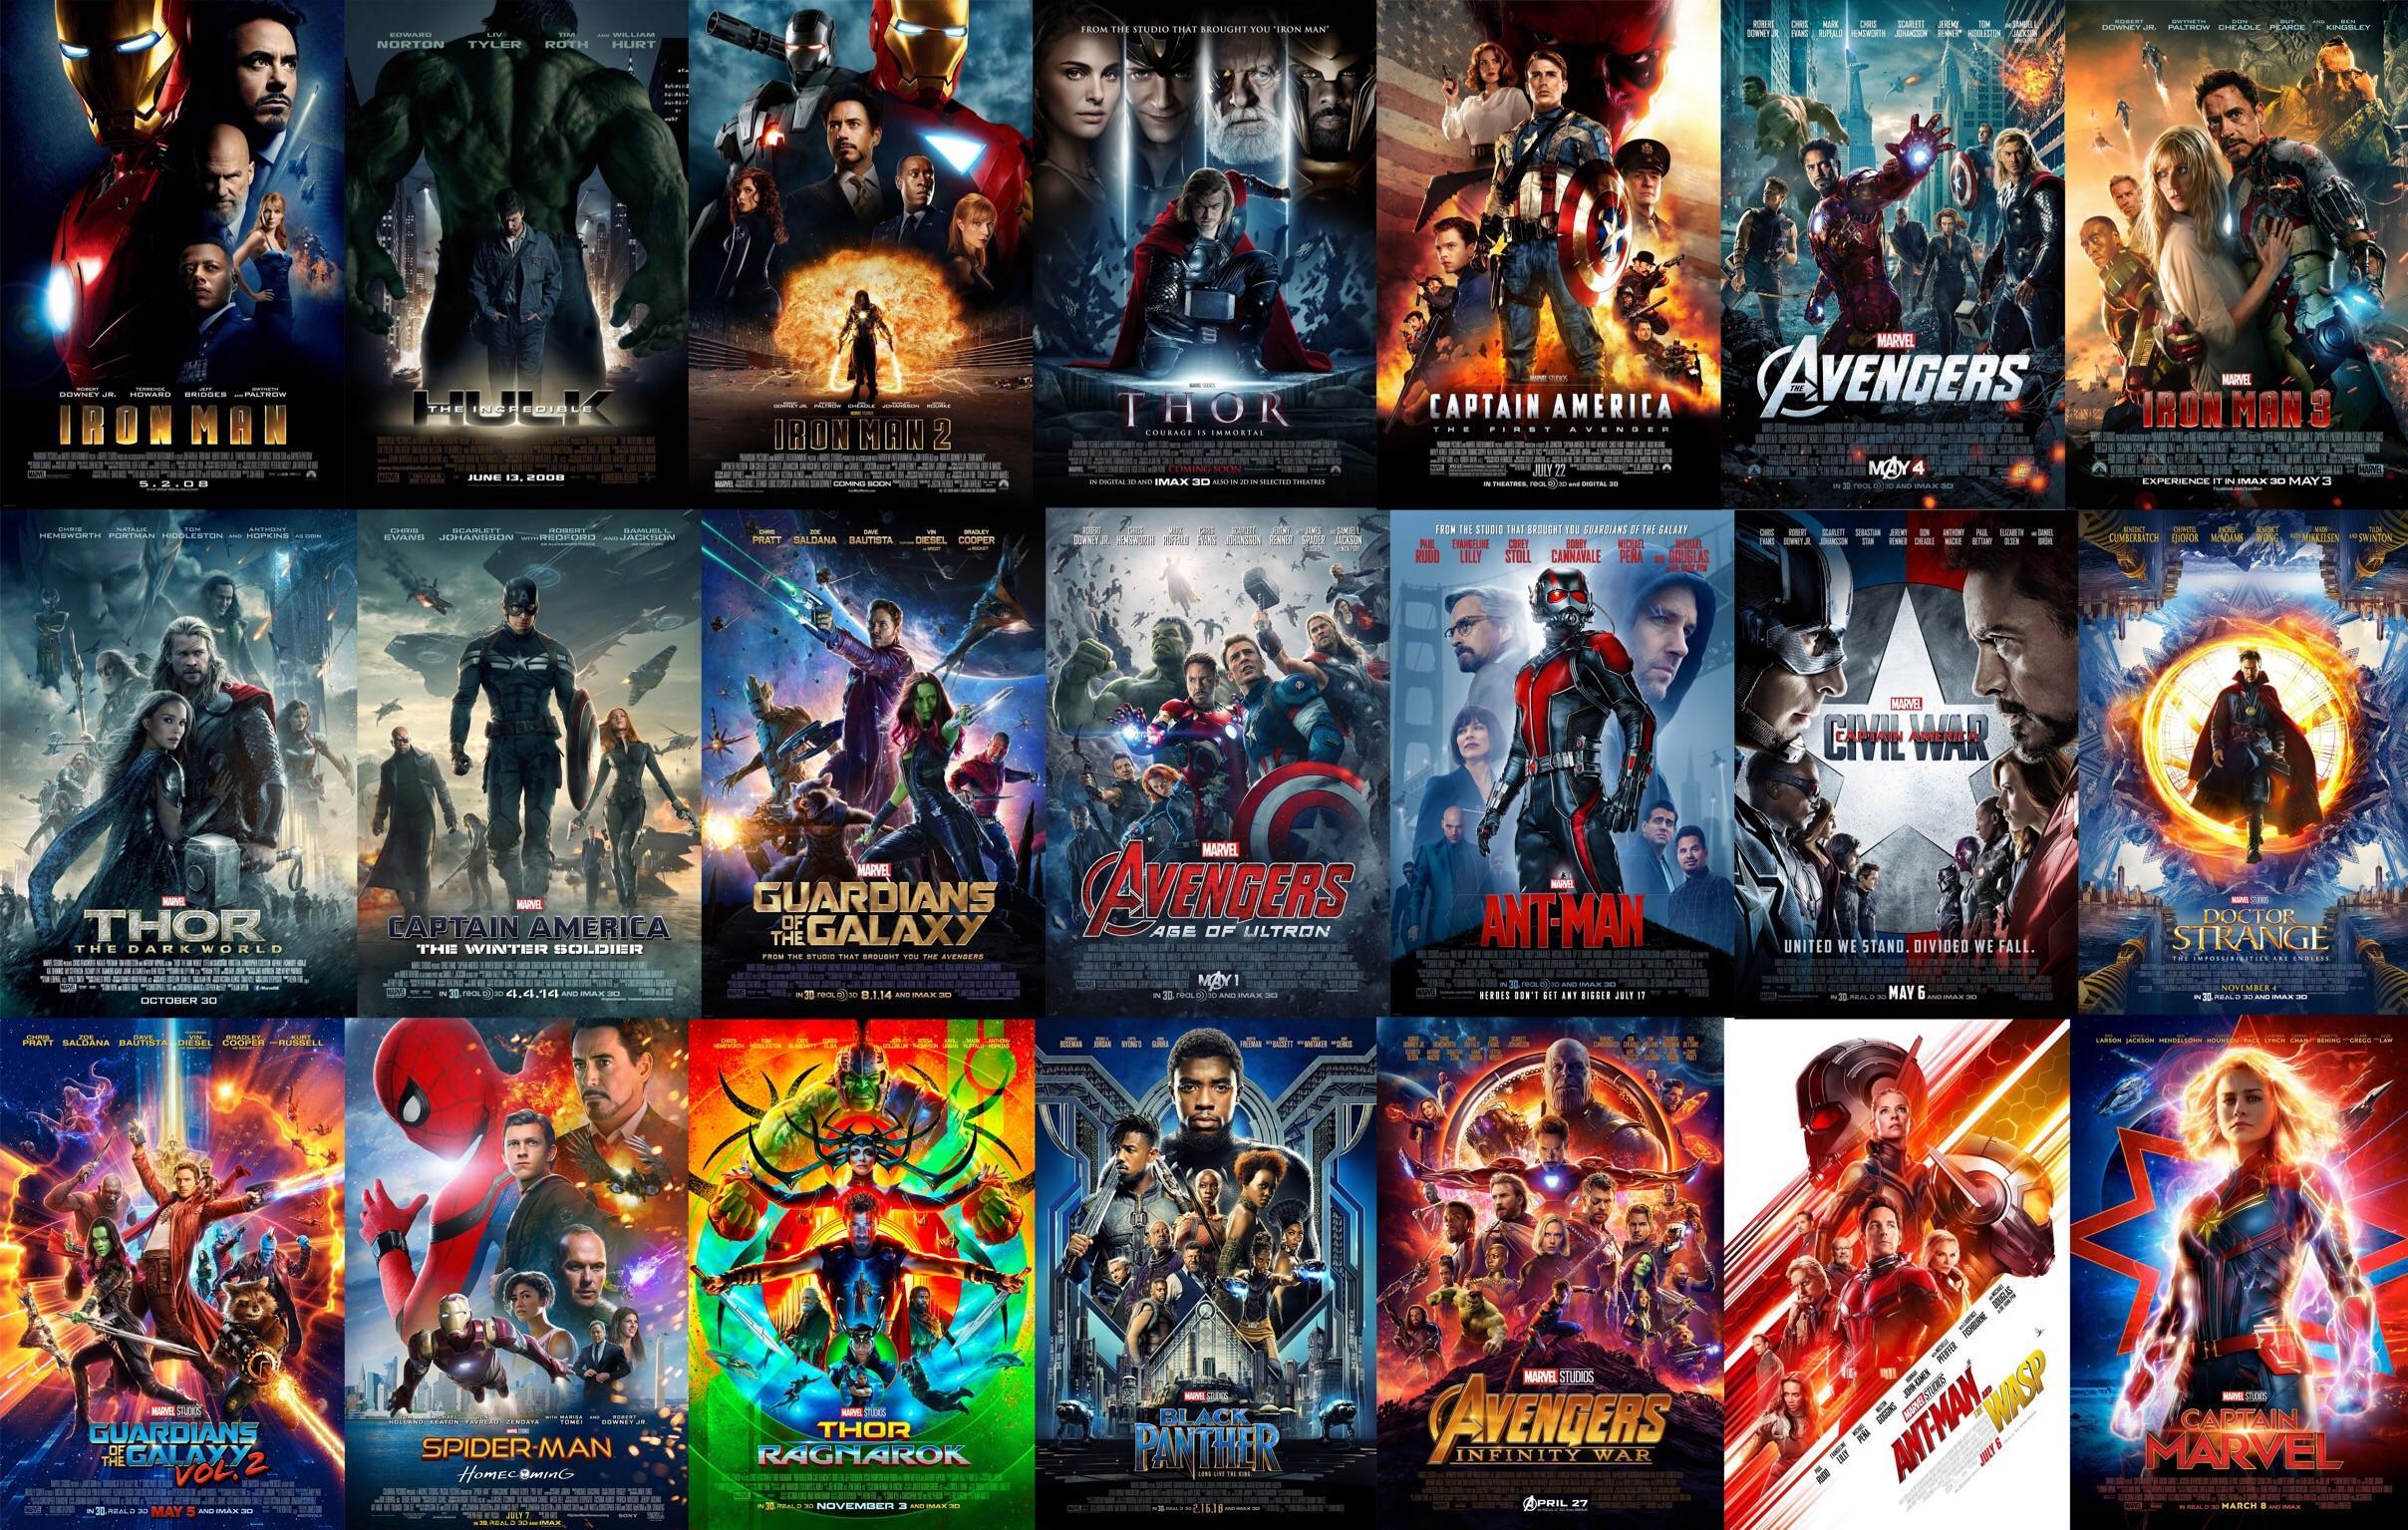 WandaVision: Nước cờ lột xác của Marvel, sáng tạo vô biên đúng chuẩn bom tấn truyền hình nổi nhất thế giới! - Ảnh 6.